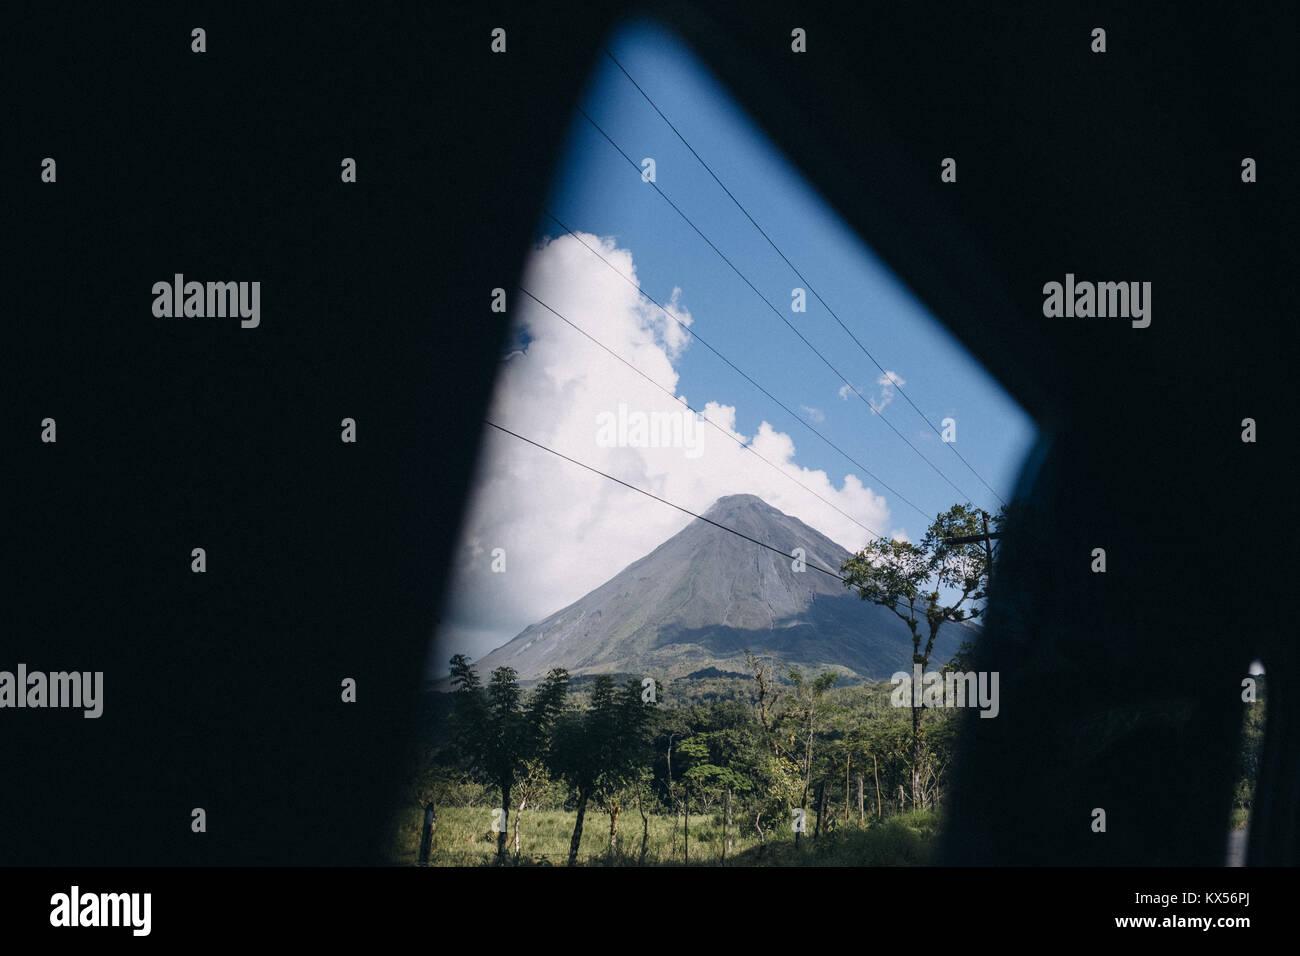 Il Vulcano Arenal, al Parco Nazionale del Vulcano Arenal, la Fortuna, Alajuela, Costa Rica Immagini Stock